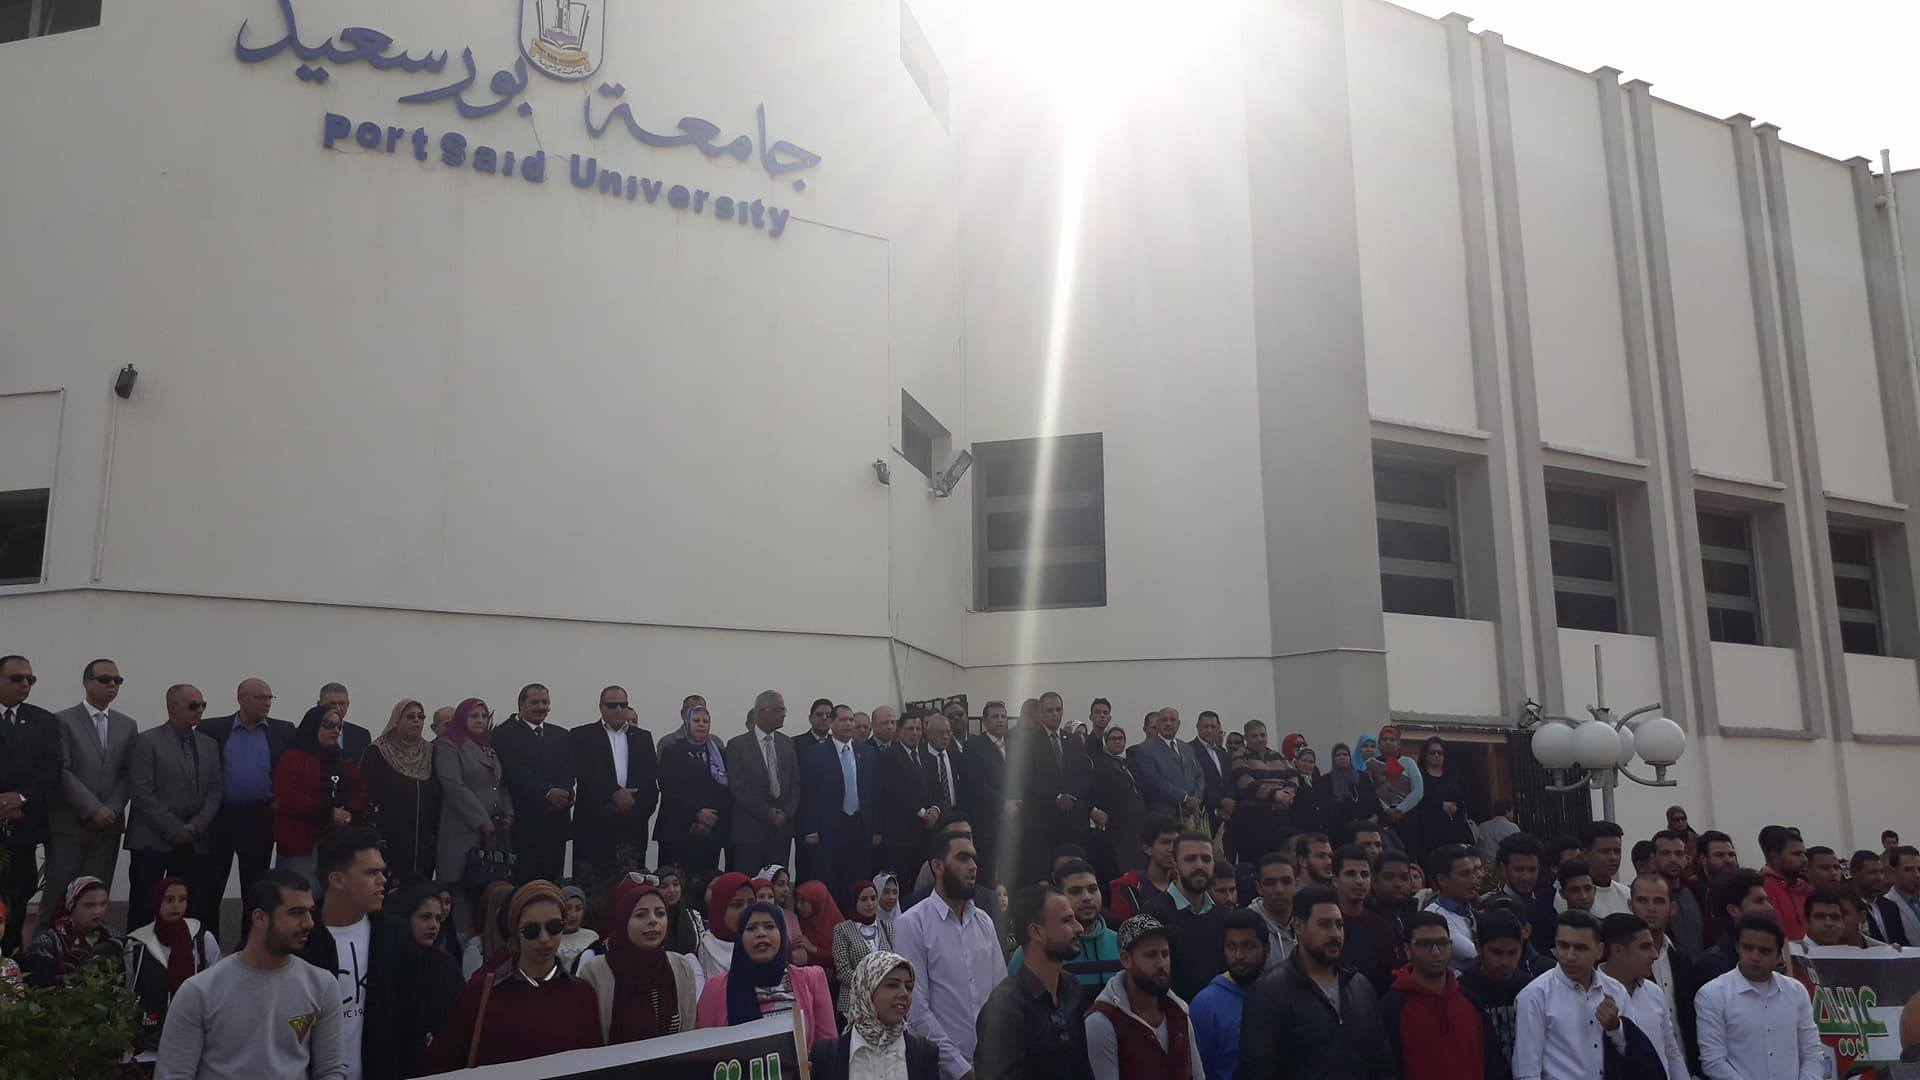 وقفة احتجاجية بجامعة بورسعيد6